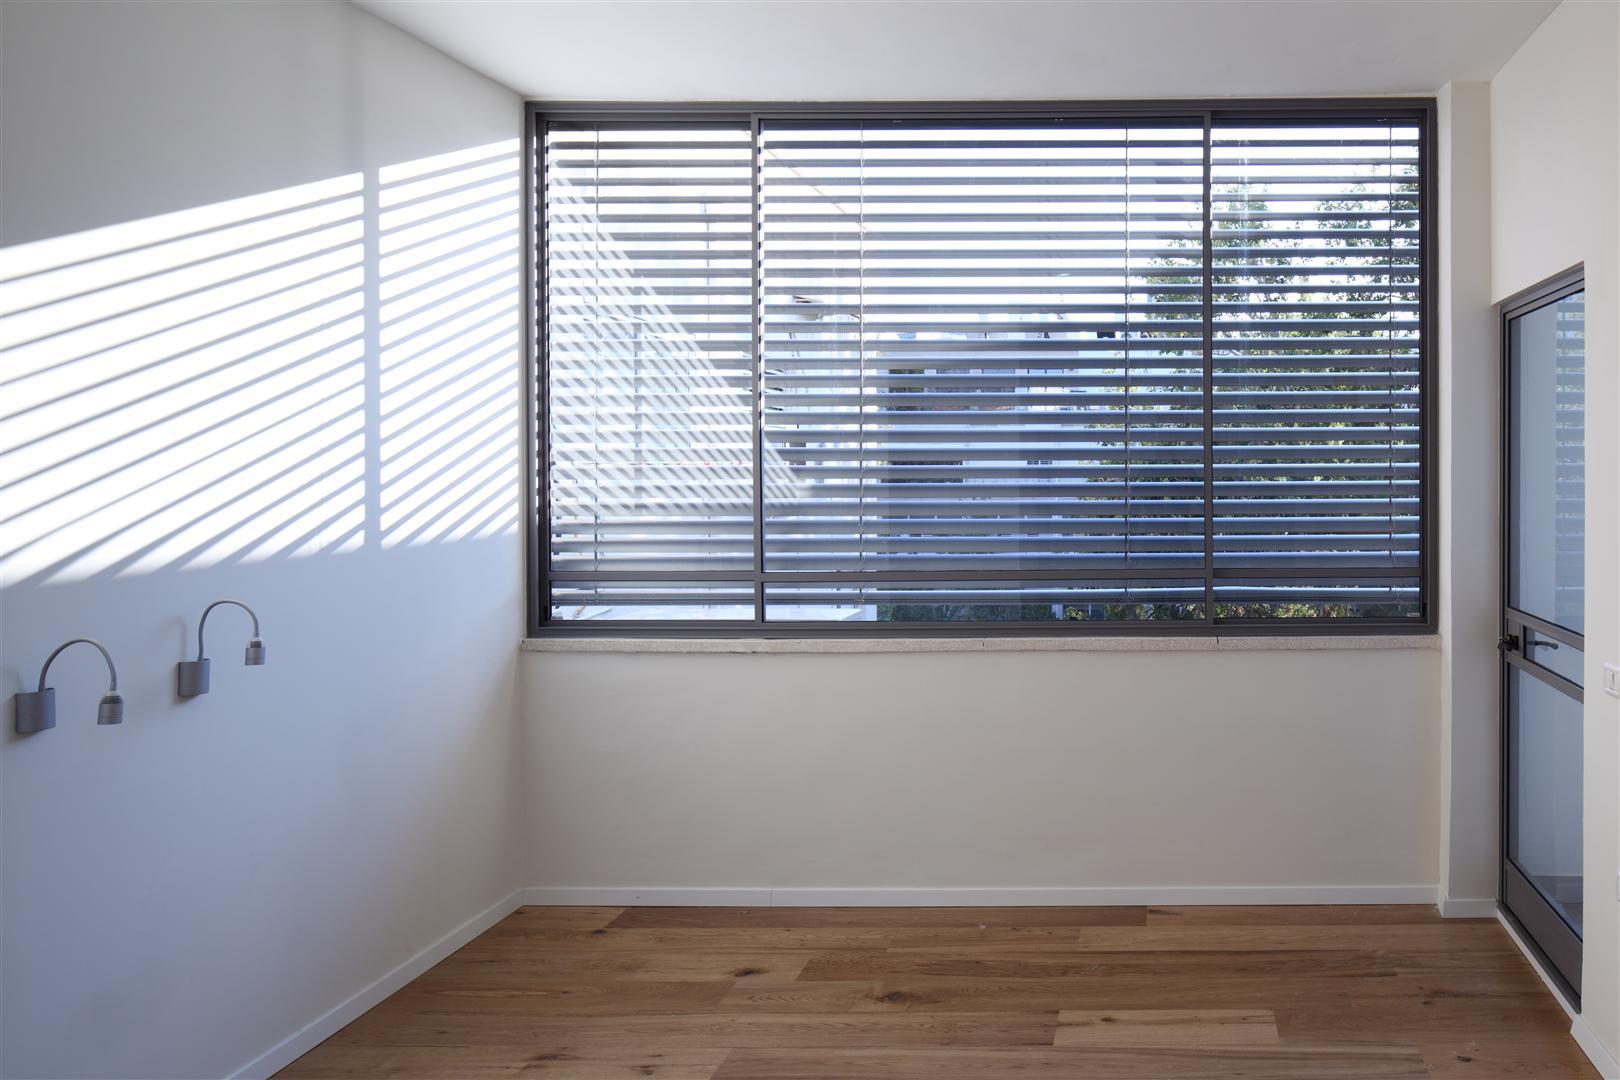 חלונות פרופיל בלגי 7